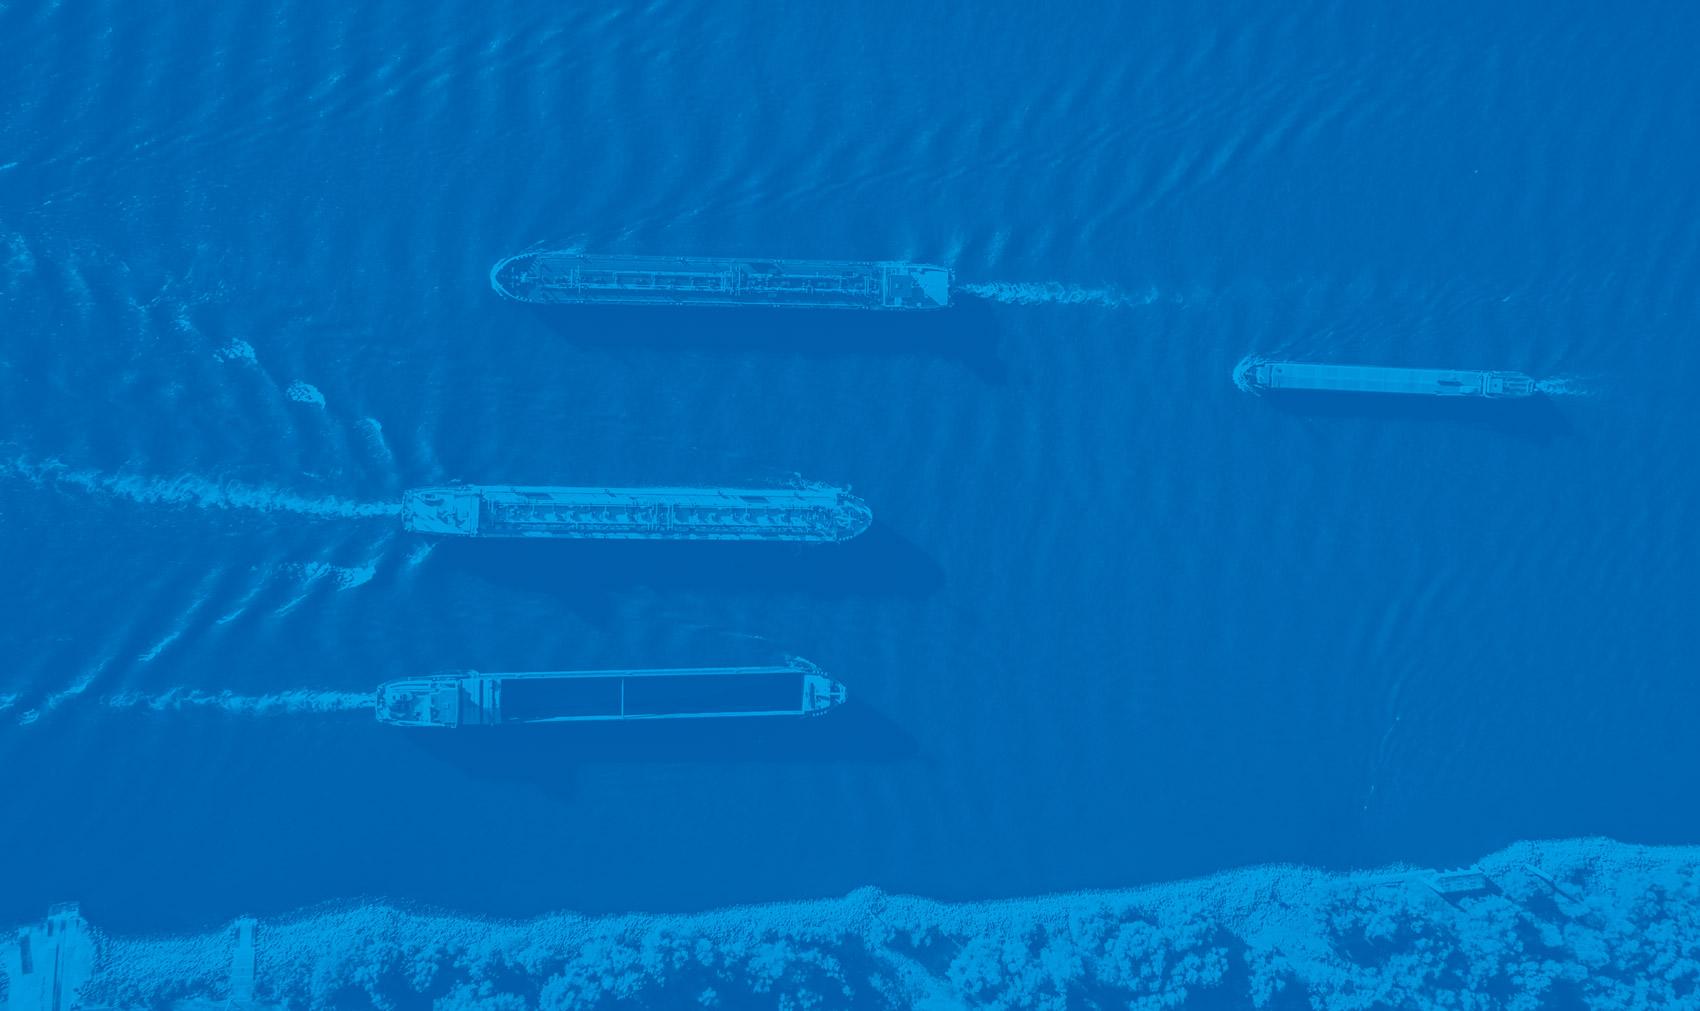 Schiffsverkehr auf dem Rhein in blau